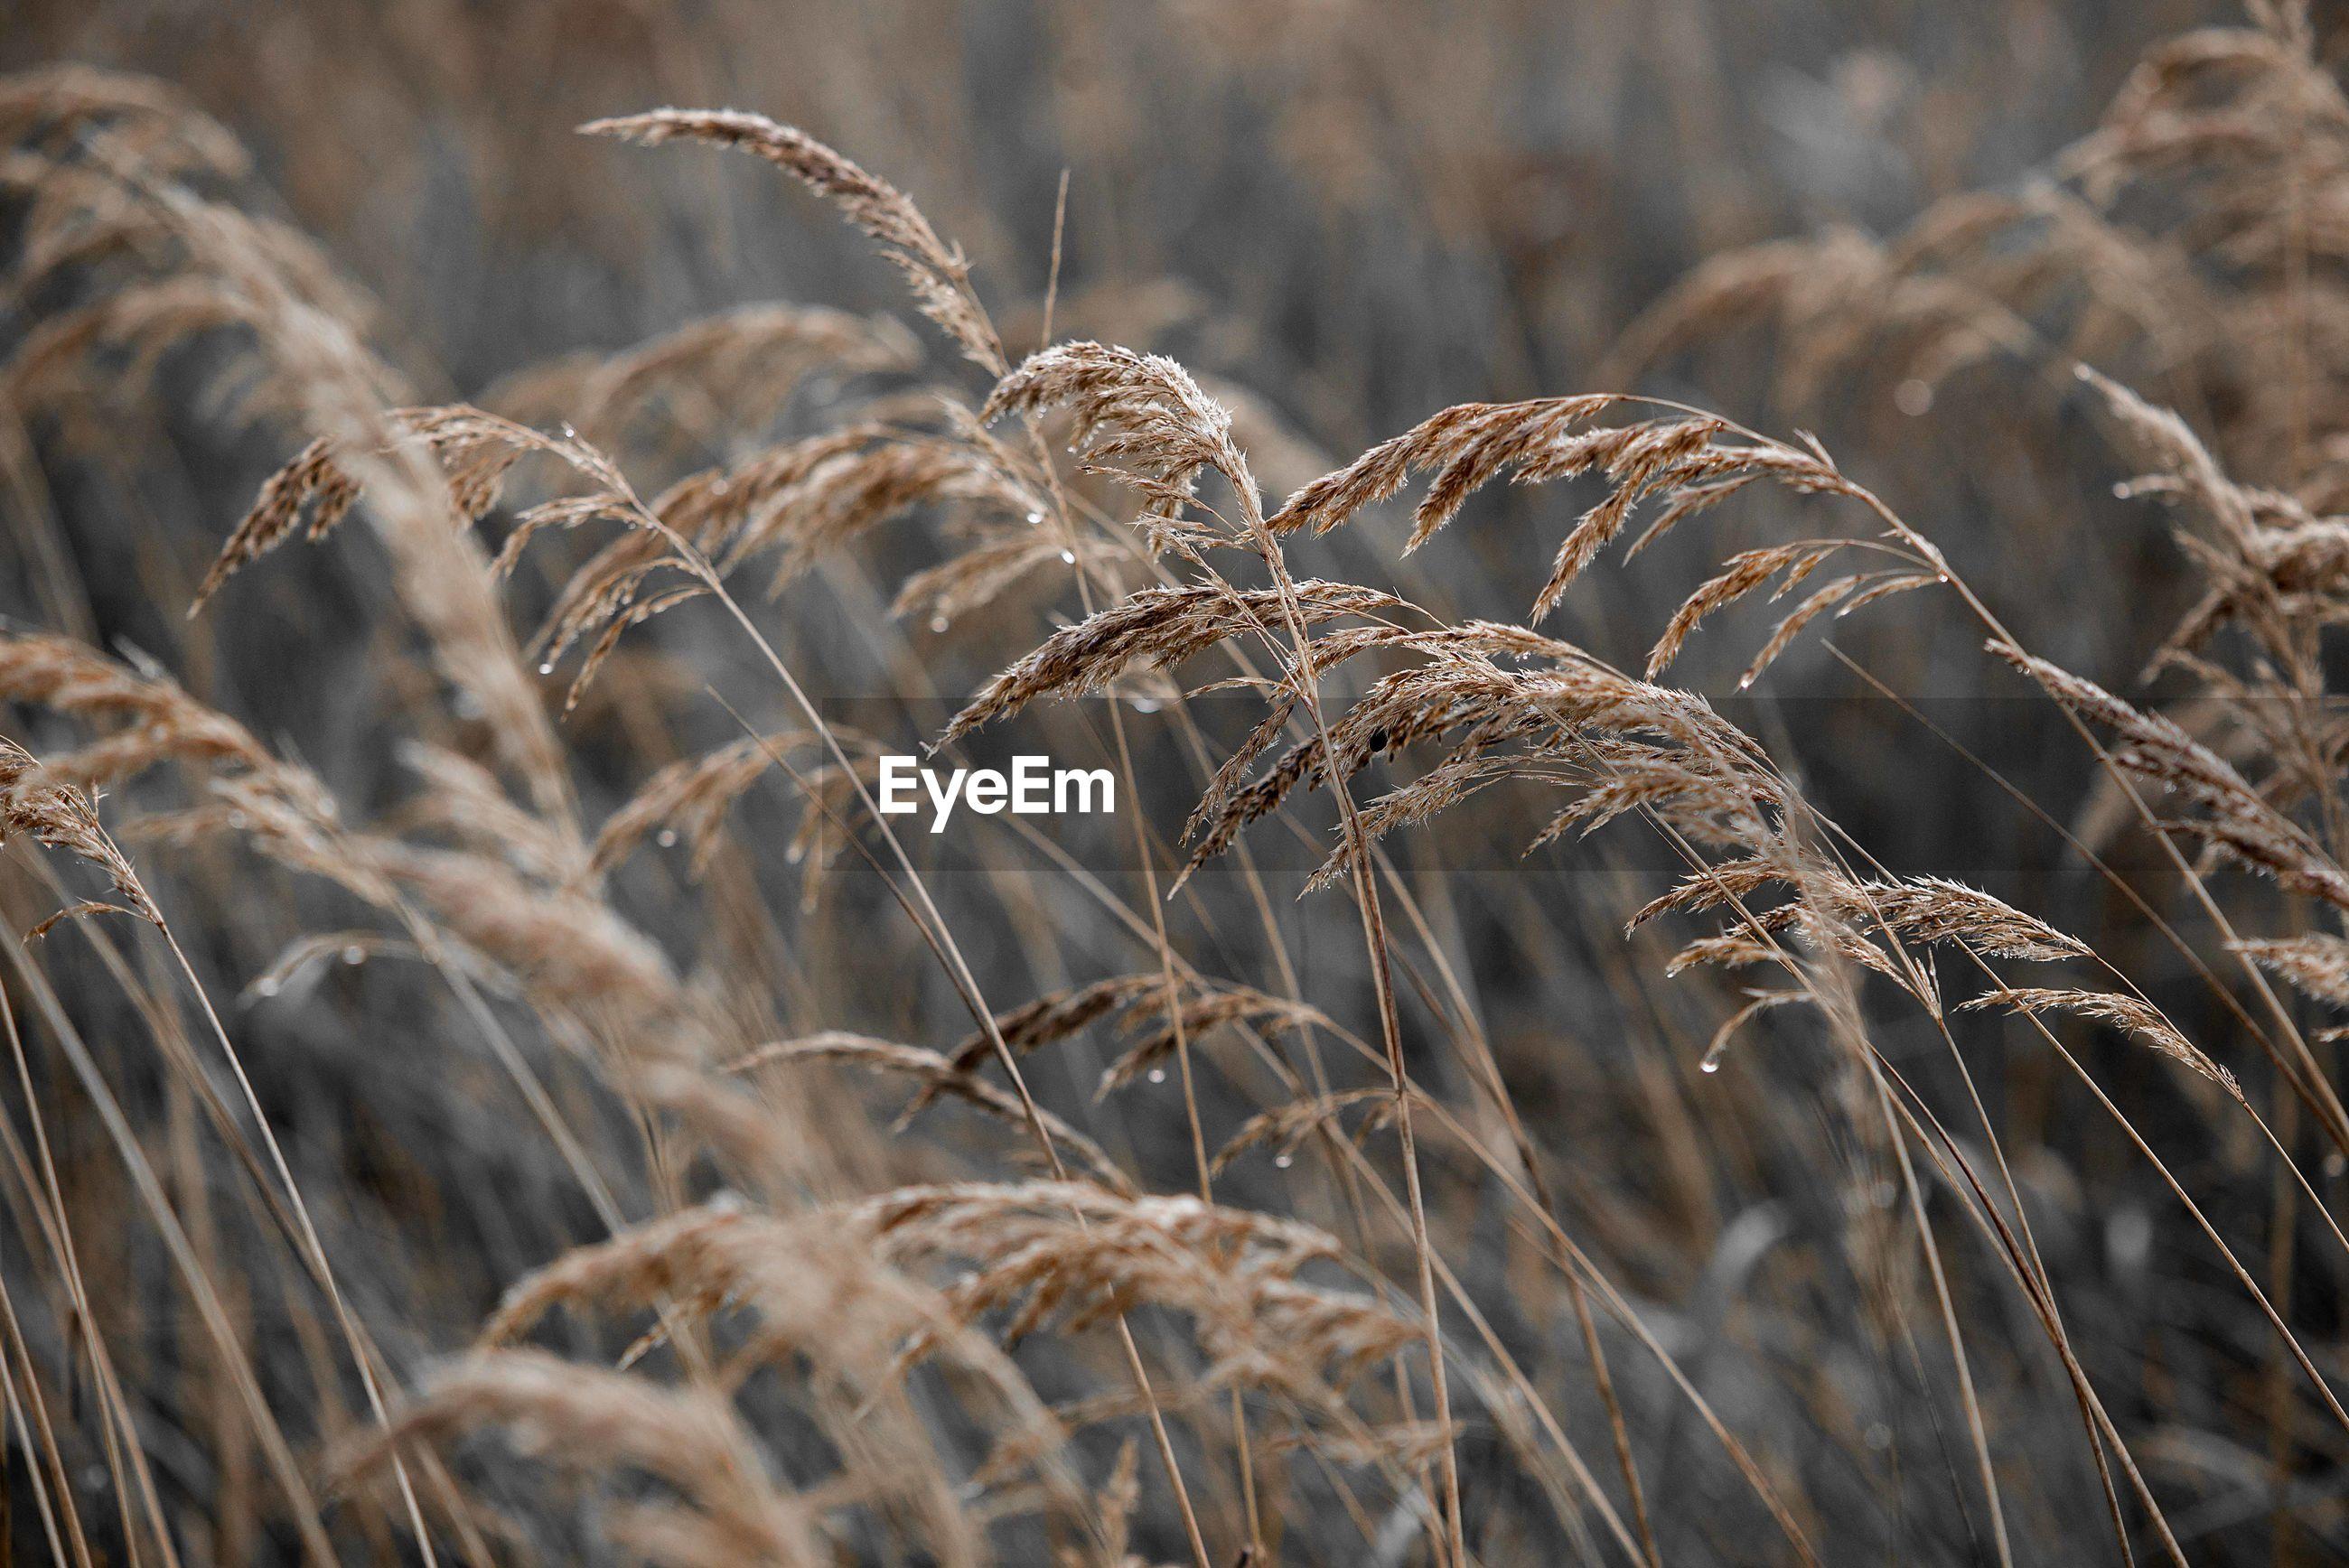 Full frame of grass